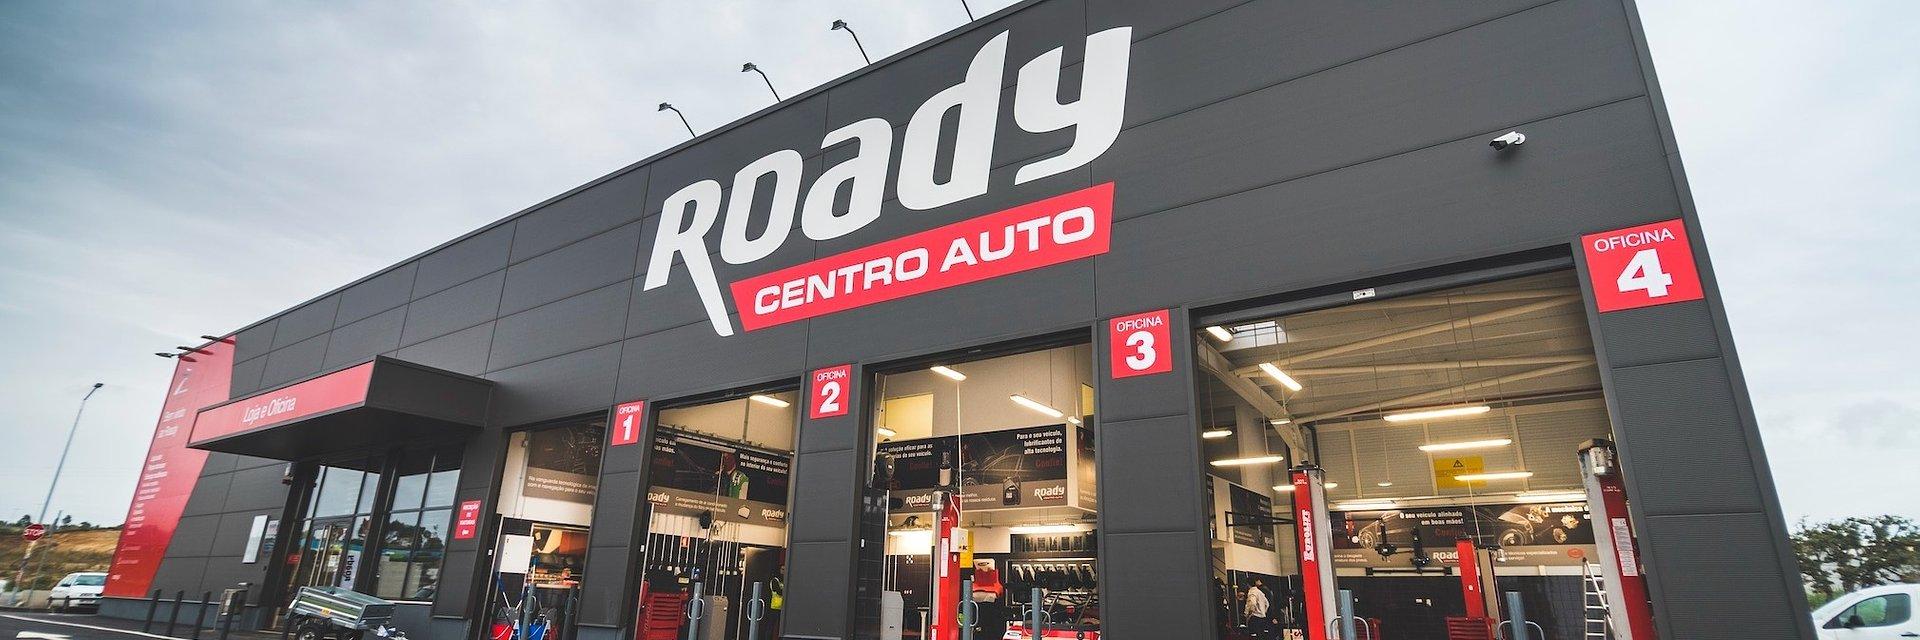 Volte à estrada em segurança com o novo serviço de inspeção Roady